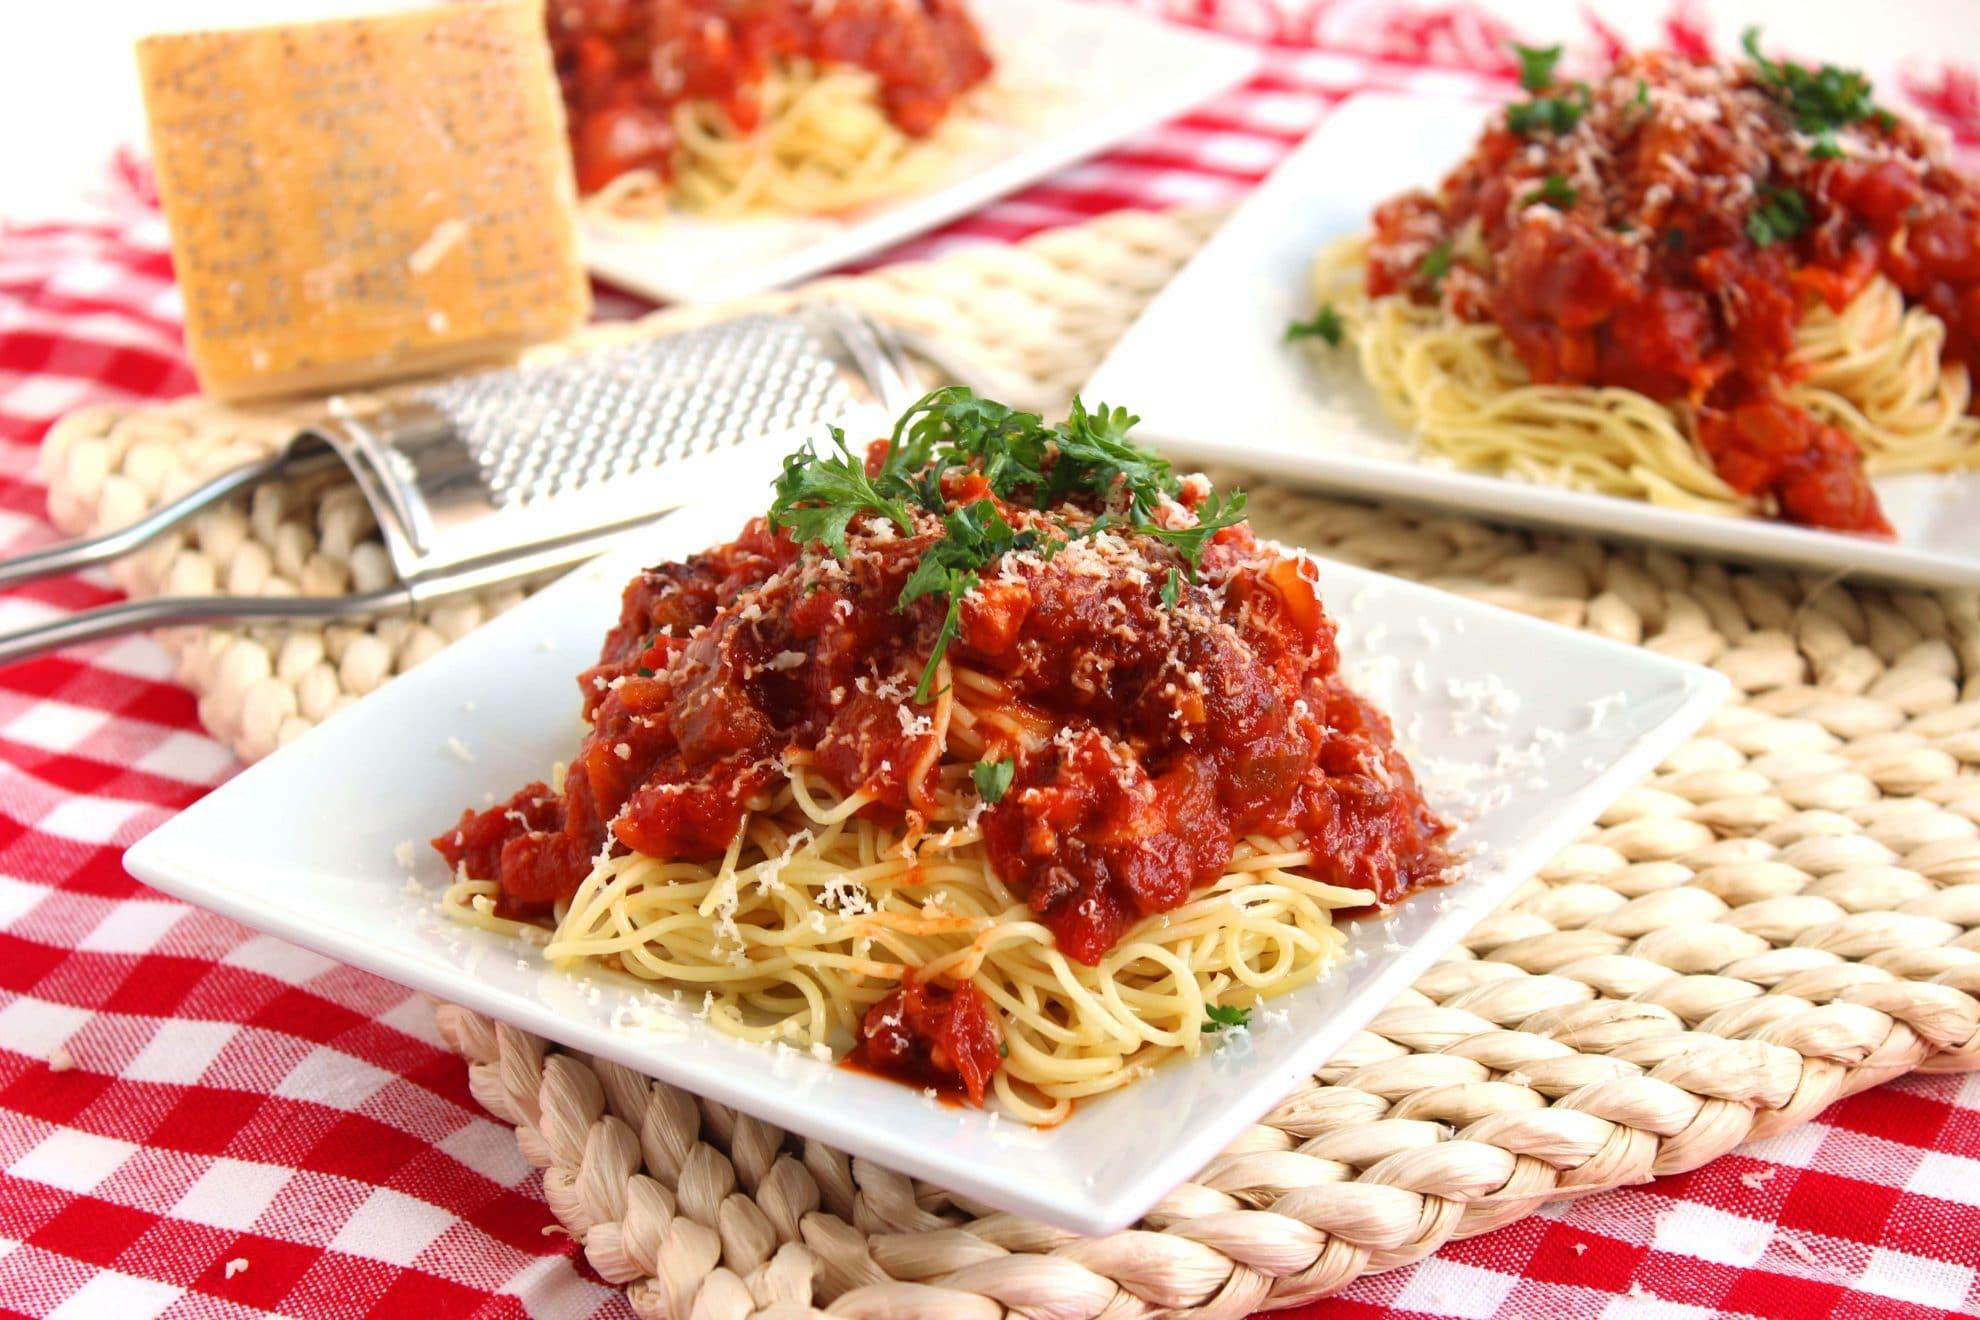 Clam red sauce pasta recipes